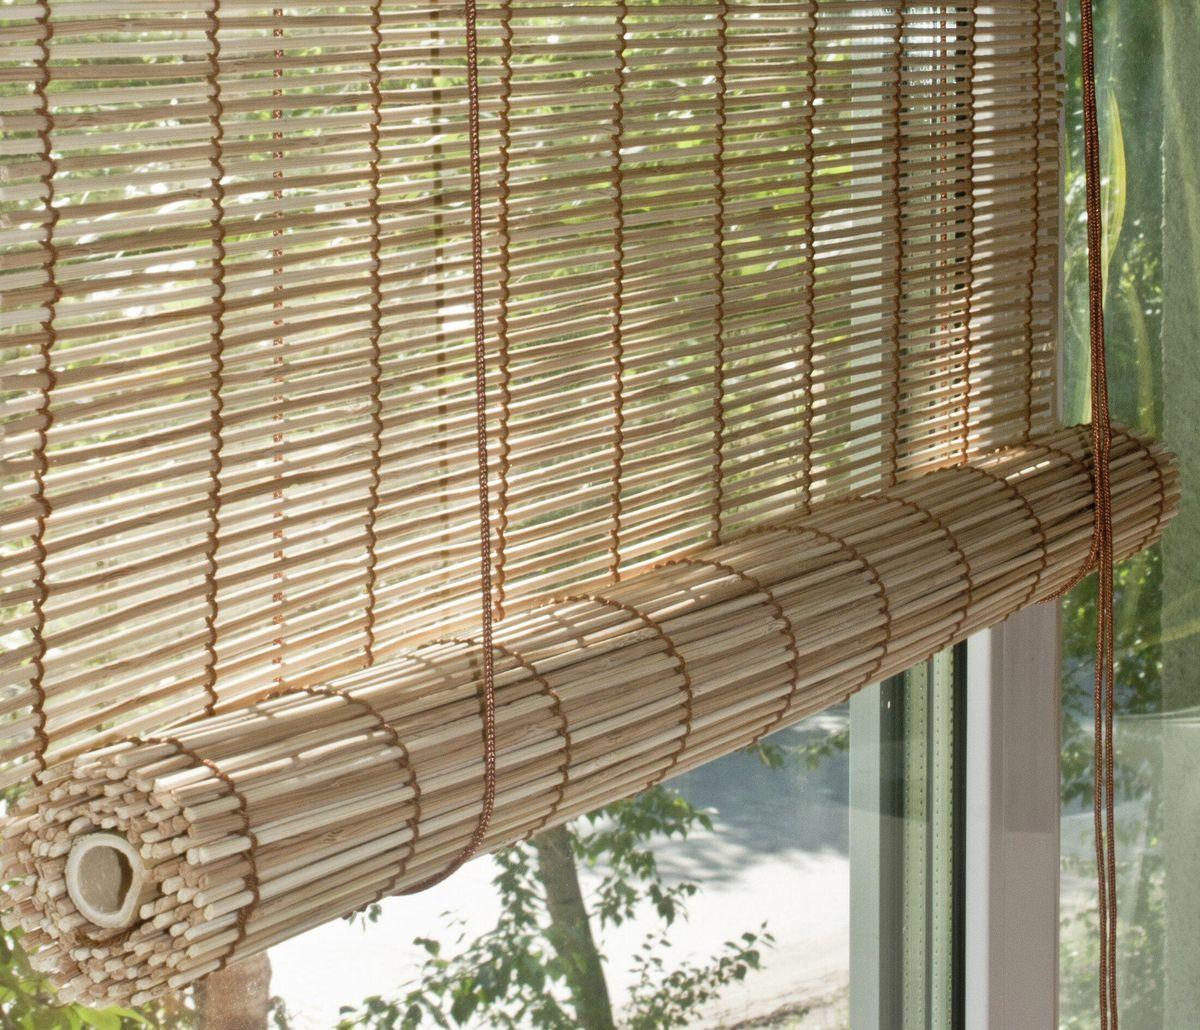 Штора рулонная Эскар Бамбук, цвет: натуральный микс, ширина 50 см, высота 160 см804946160160При оформлении интерьера современных помещений многие отдают предпочтение природным материалам. Бамбуковые рулонные шторы - одно из натуральных изделий, способное сделать атмосферу помещения более уютной и в то же время необычной. Свойства бамбука уникальны: он экологически чист, так как быстро вырастает, благодаря чему не успевает накопить вредные вещества из окружающей среды. Кроме того, растение обладает противомикробным и антибактериальным действием. Занавеси из бамбука безопасно использовать в помещениях, где находятся новорожденные дети и люди, склонные к аллергии. Они незаменимы для тех, кто заботится о своем здоровье и уделяет внимание высокому уровню жизни.Бамбуковые рулонные шторы представляют собой полотно, состоящее из тонких бамбуковых стеблей и сворачиваемое в рулон.Римские бамбуковые шторы, как и тканевые римские шторы, при поднятии образуют крупные складки, которые прекрасно декорируют окно.Особенность устройства полотна позволяет свободно пропускать дневной свет, что обеспечивает мягкое освещение комнаты. Это натуральный влагостойкий материал, который легко вписывается в любой интерьер, хорошо сочетается с различной мебелью и элементами отделки. Использование бамбукового полотна придает помещению необычный вид и визуально расширяет пространство.Помимо внешней красоты, это еще и очень удобные конструкции, экономящие пространство. Изготавливаются они из специальных материалов, устойчивых к внешним воздействиям. Сама штора очень эргономичная, и позволяет изменять визуально пространство в зависимости от потребностей владельца.